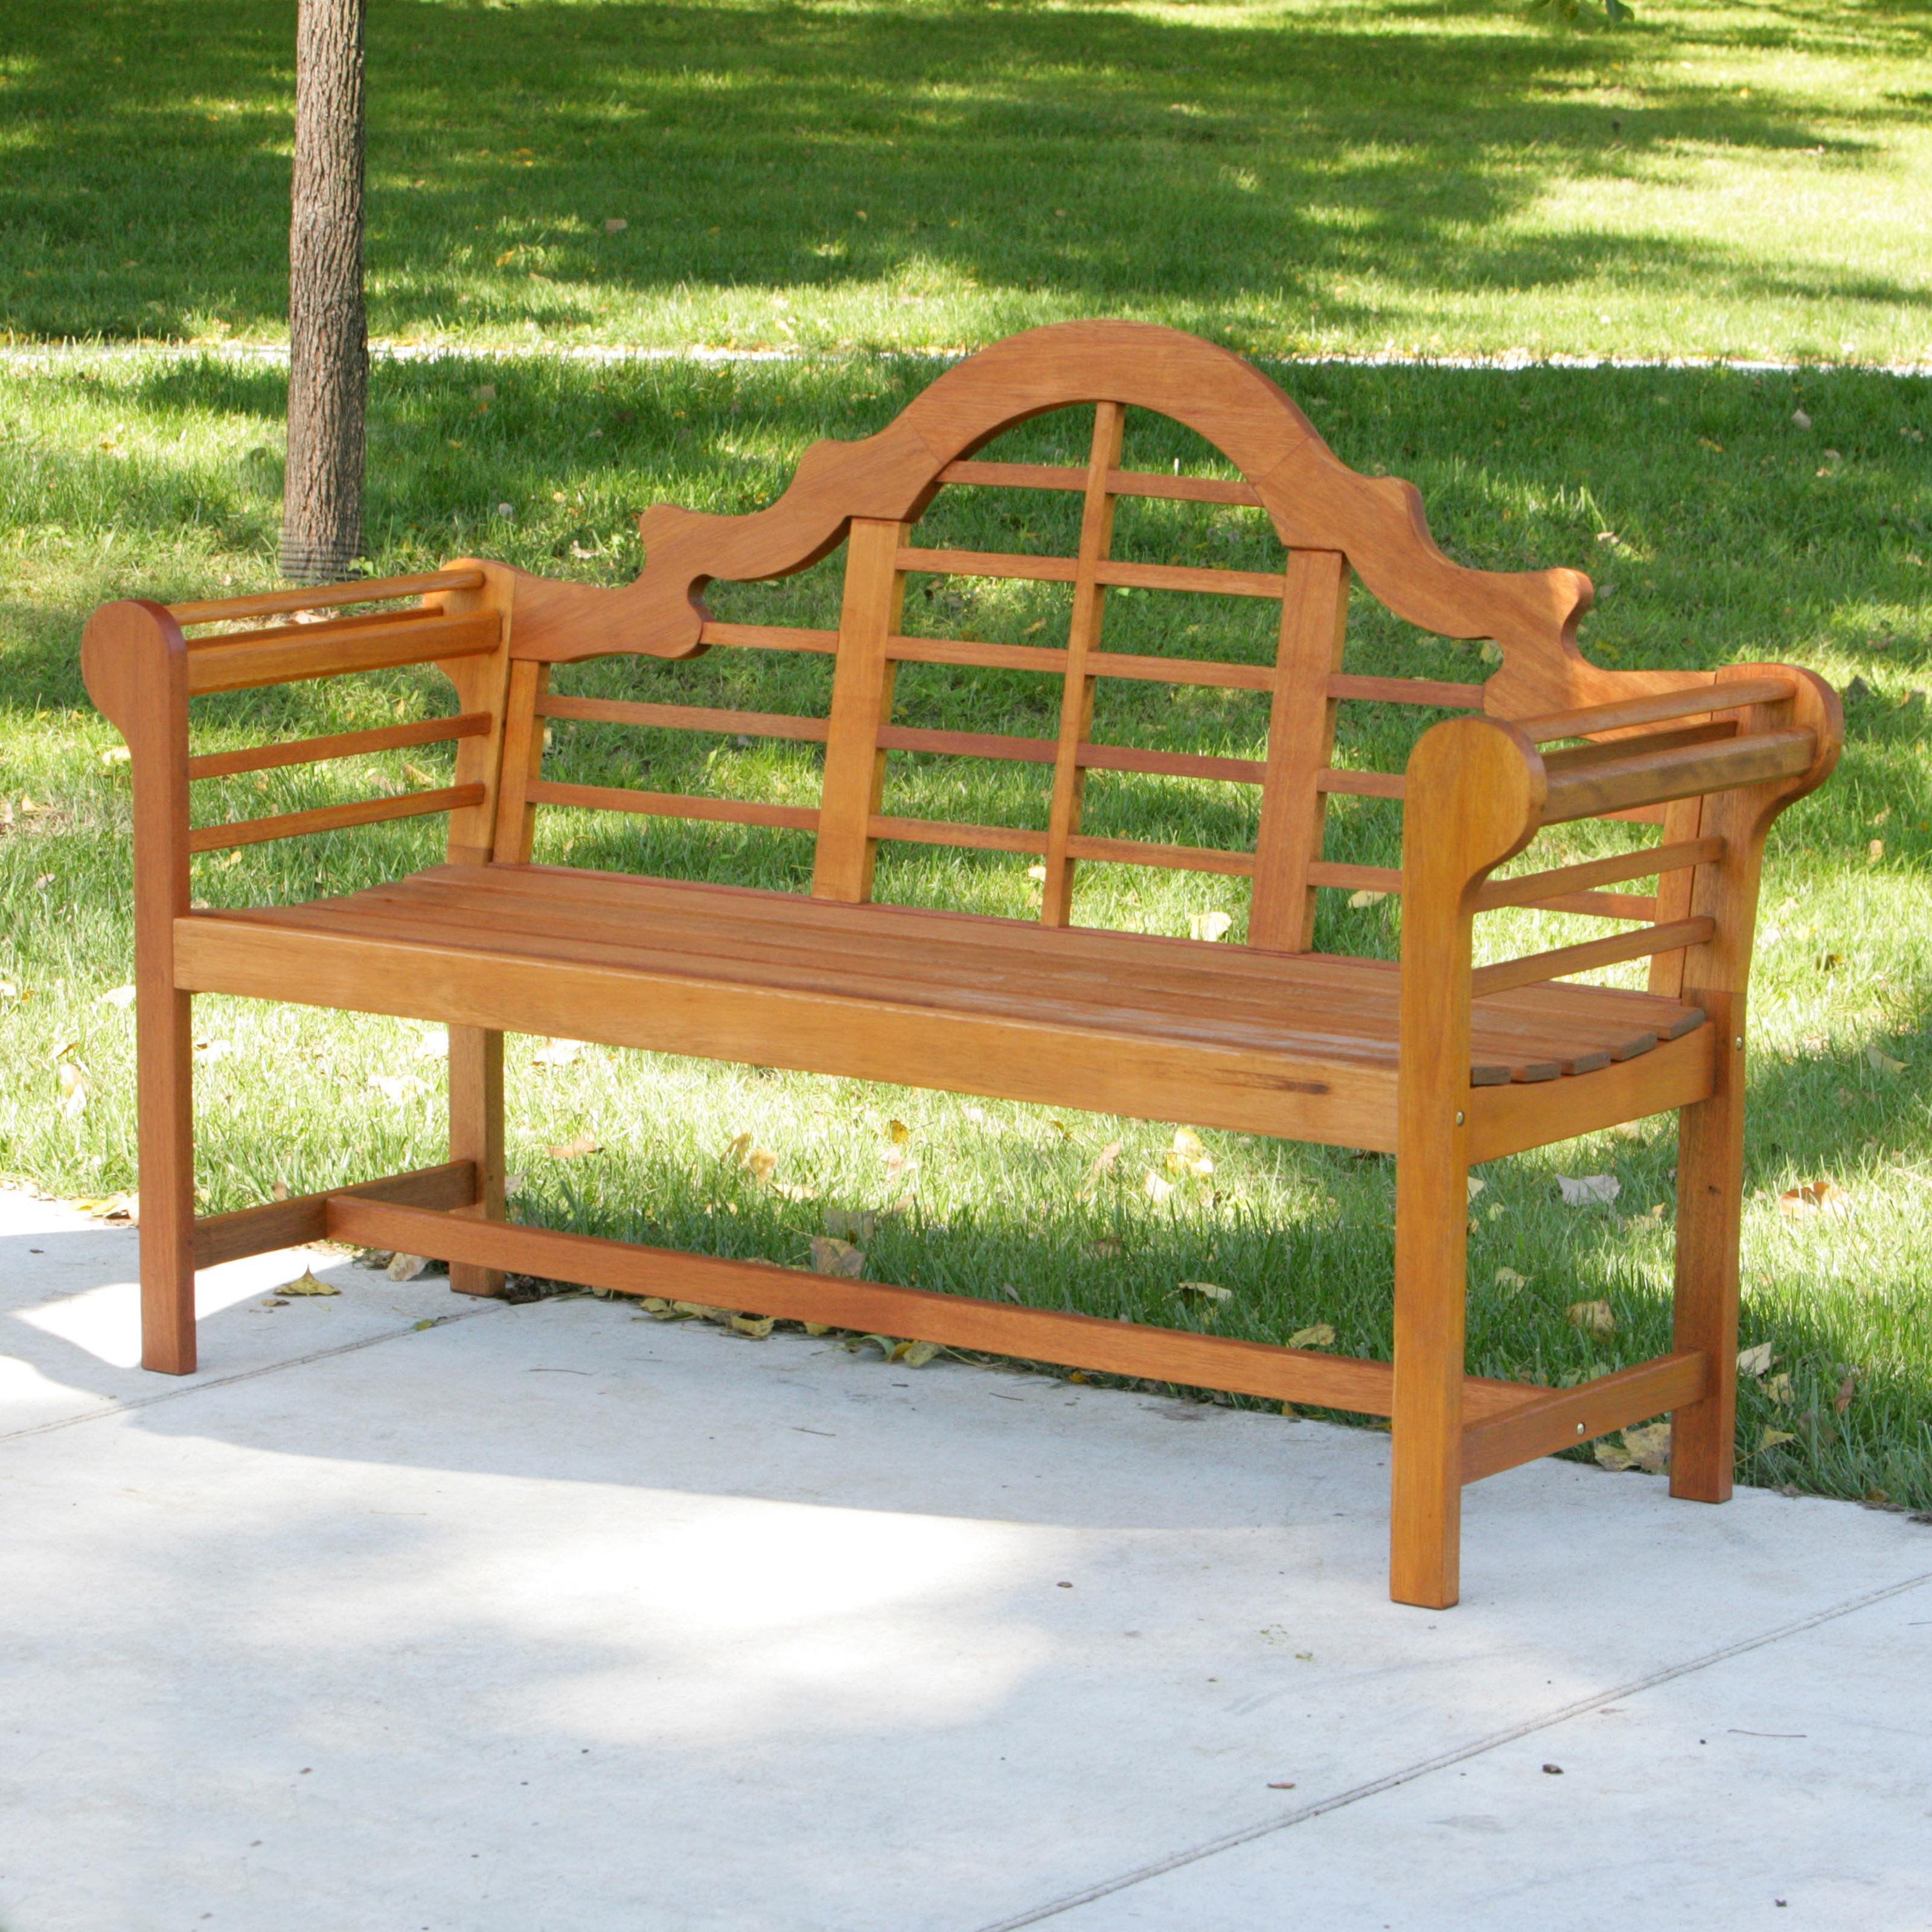 Superb Achla Designs Lutyens Eucalyptus Wood Garden Bench Inzonedesignstudio Interior Chair Design Inzonedesignstudiocom